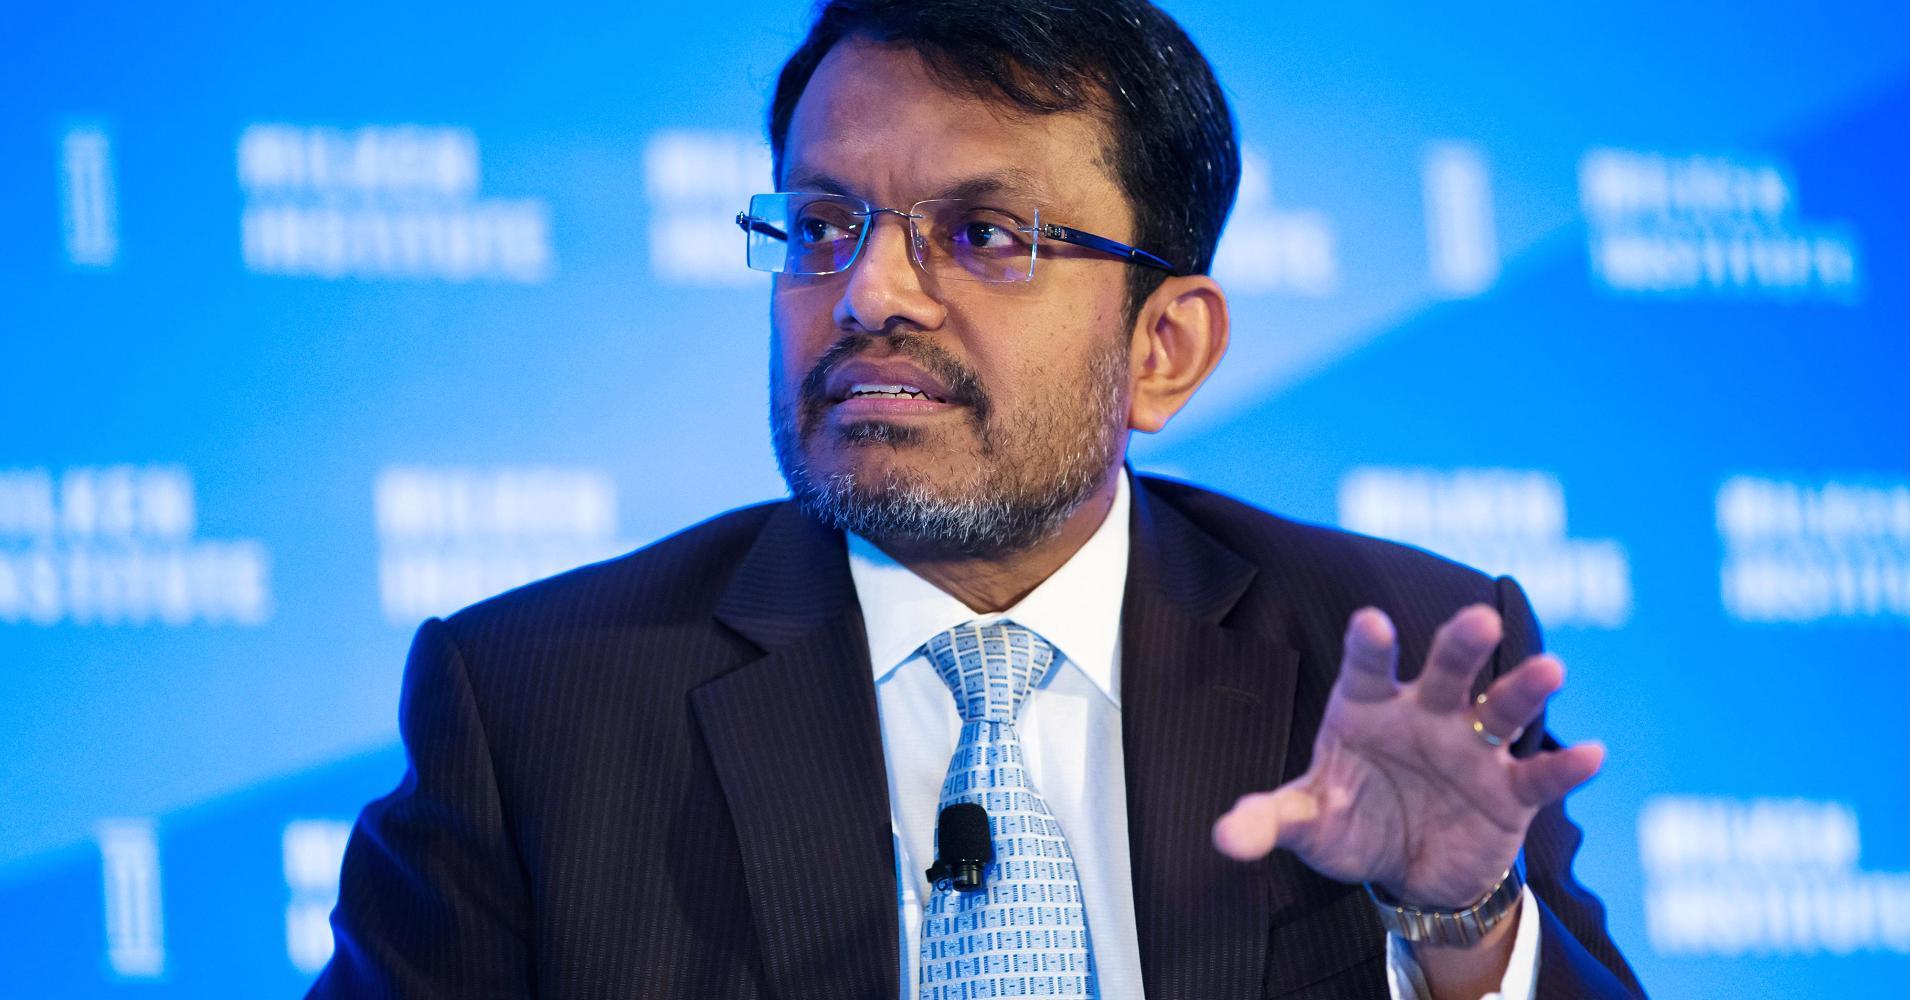 Глава центрального банка Сингапура надеется, что технология блокчейн переживет крах криптовалют